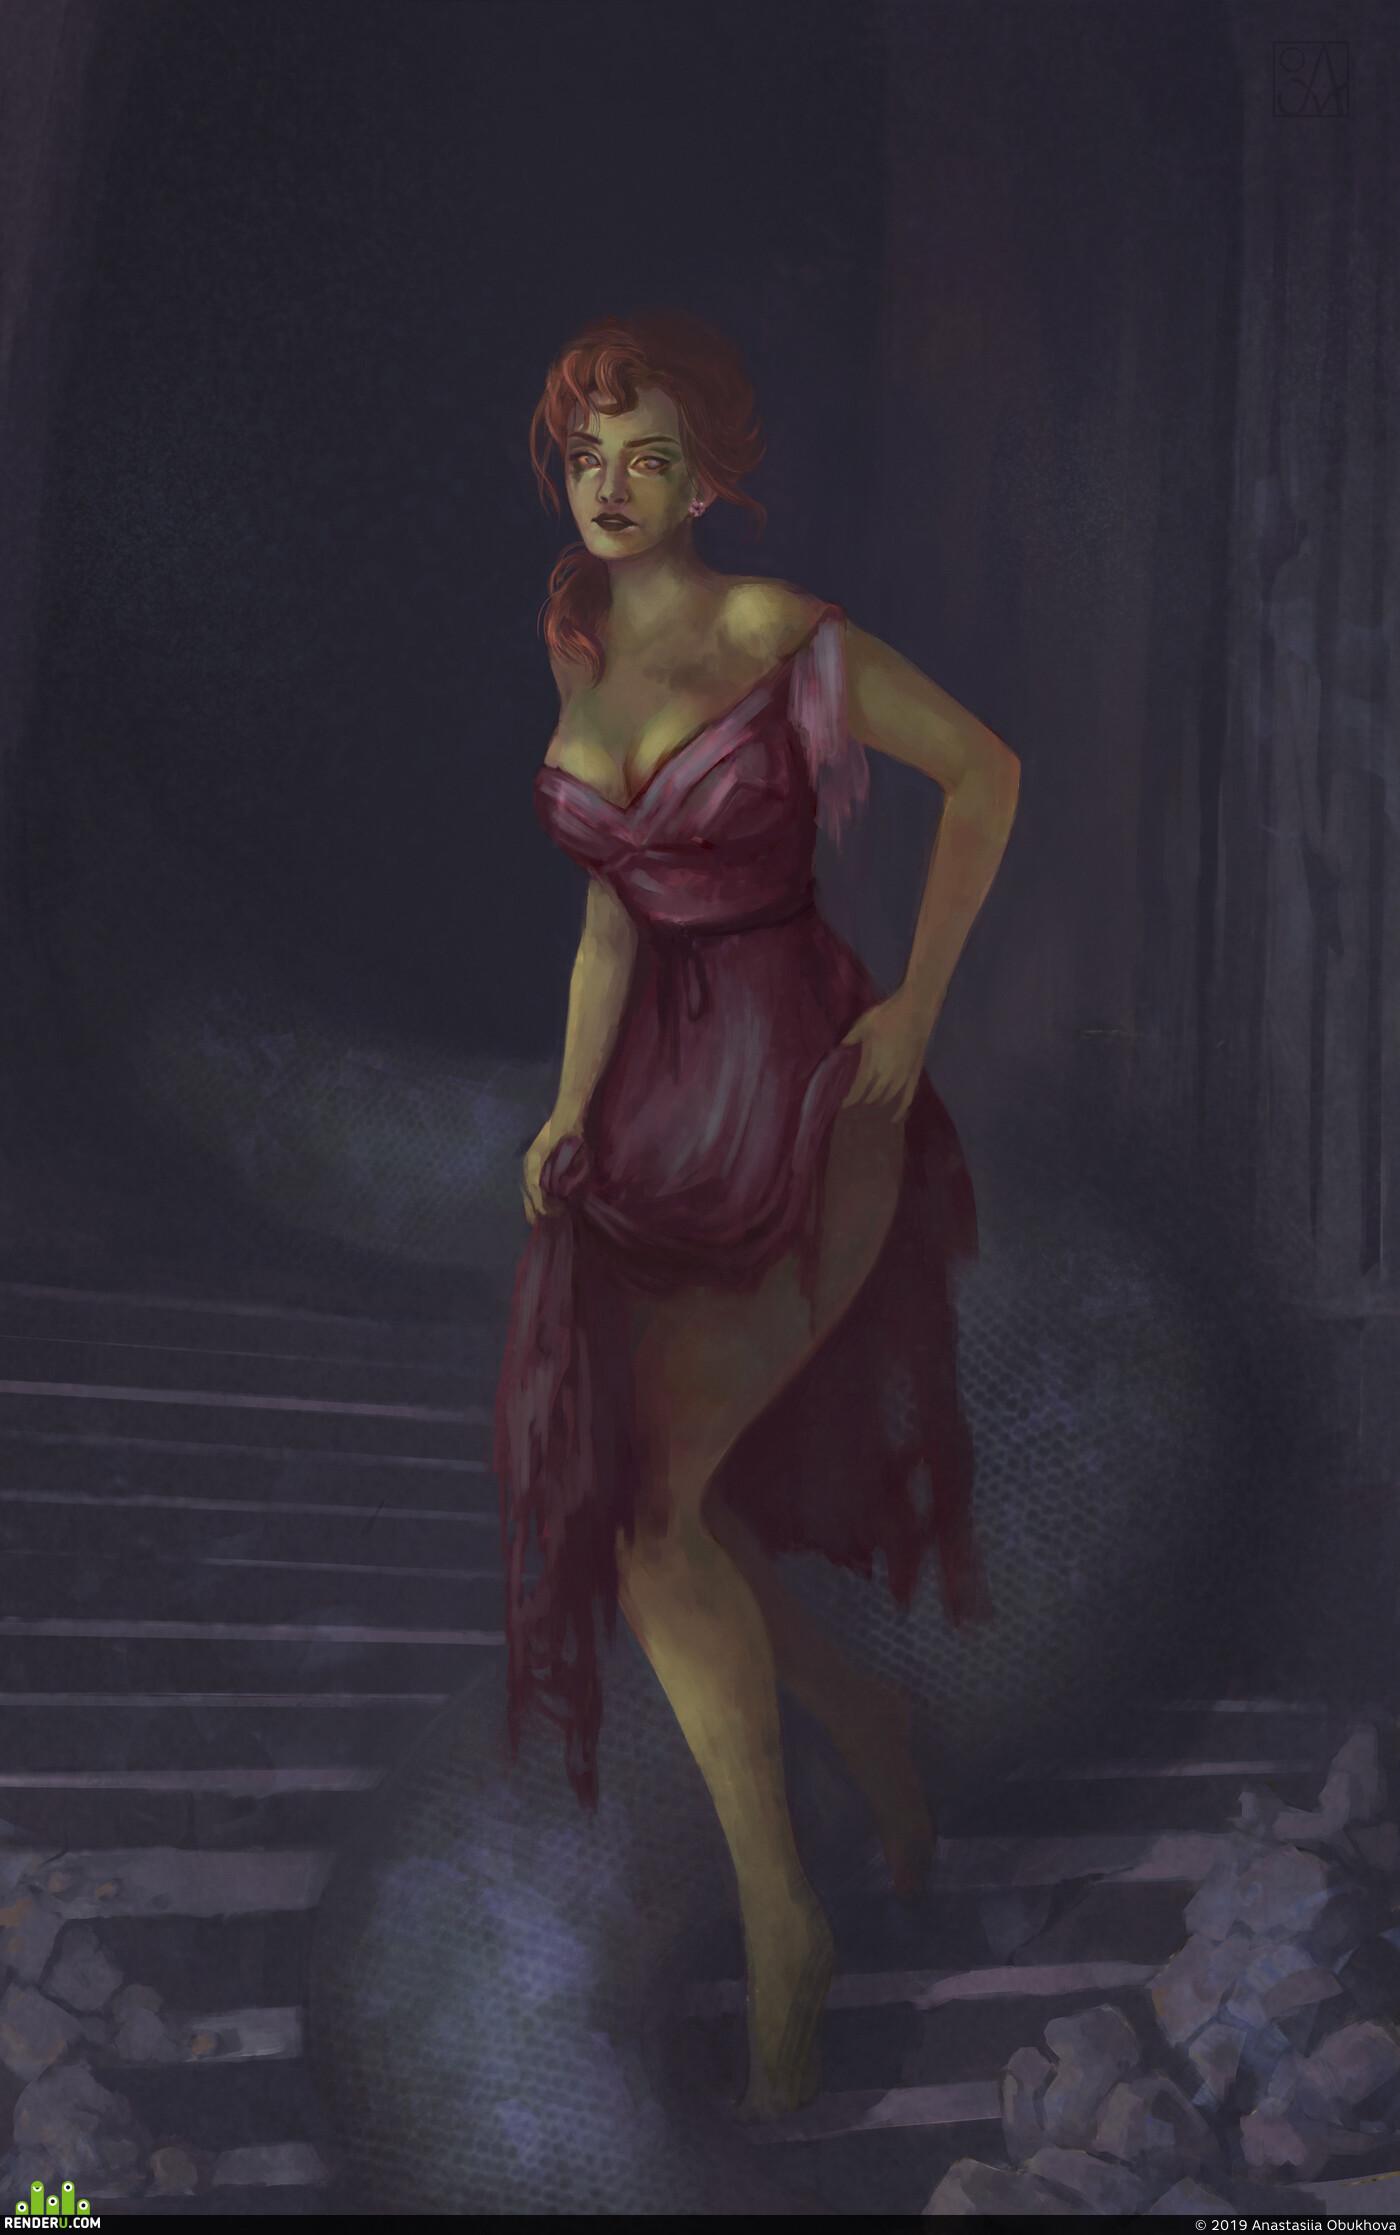 фотошоп, Компьютерная графика/CG, женщина, змея, иллюстрация